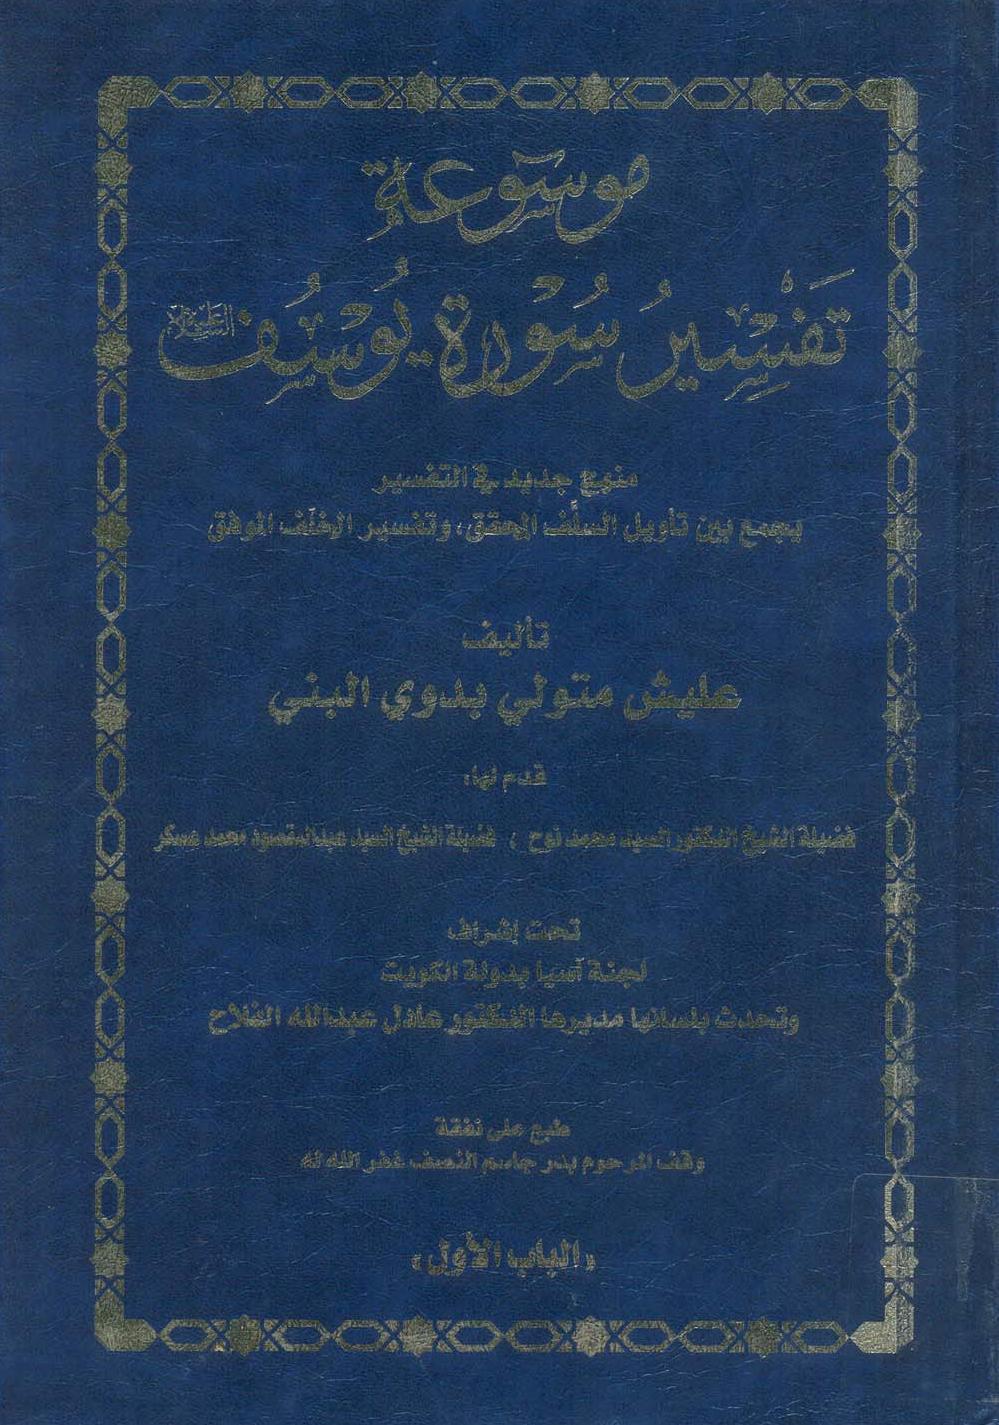 تحميل كتاب موسوعة تفسير سورة يوسف لـِ: عليش متولي بدوي البني